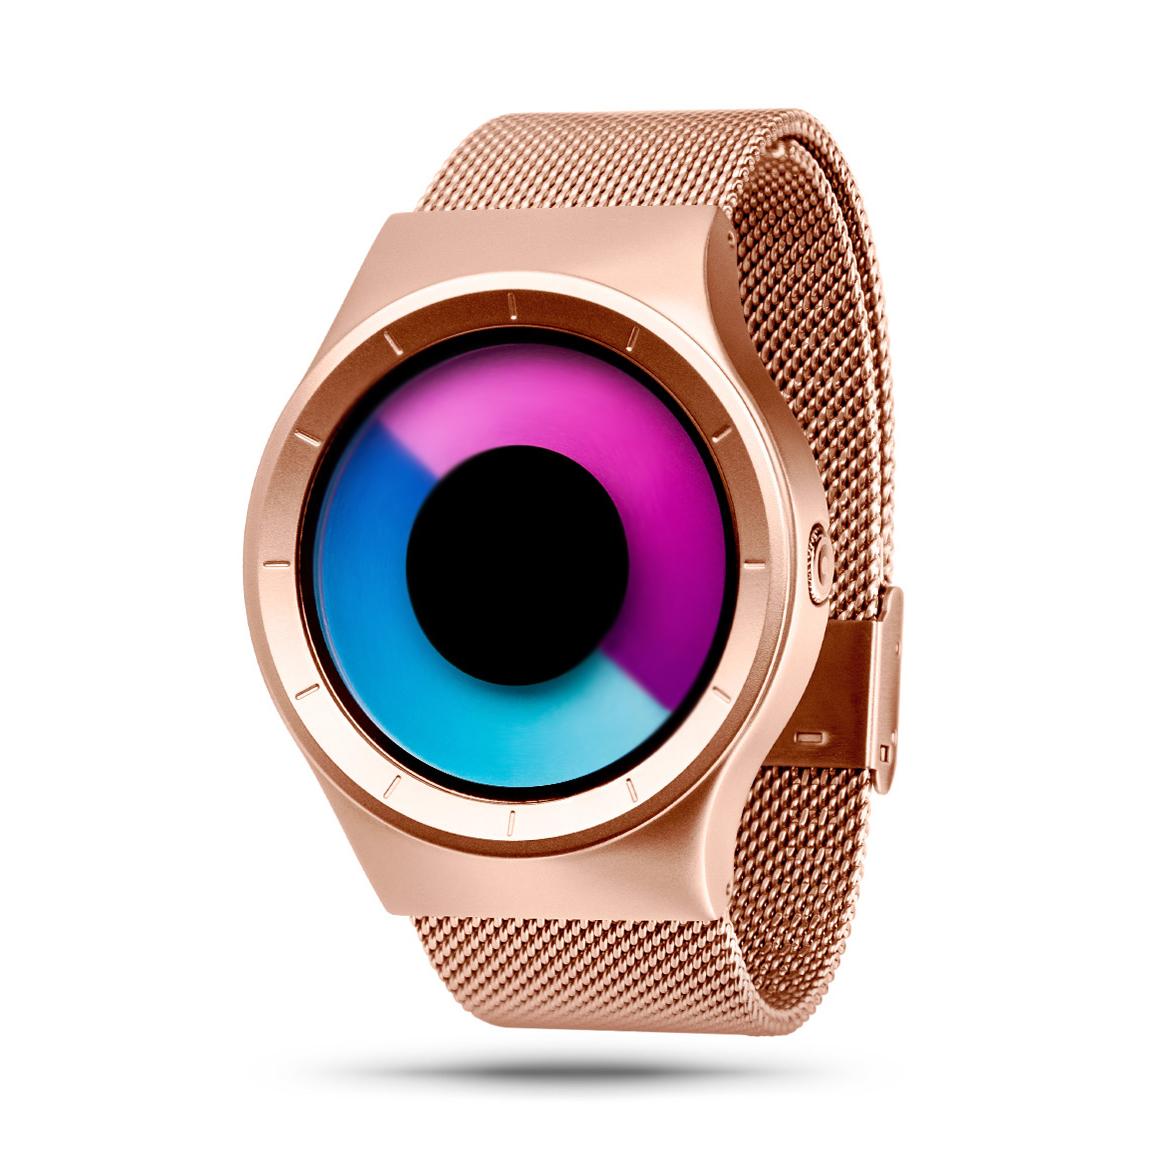 modernus moteriskas laikrodis  dovanos moterims merginai panelei siuolaikiskas modernus isskirtinis unikalus orginalus moteriskas laikrodis sportiska105